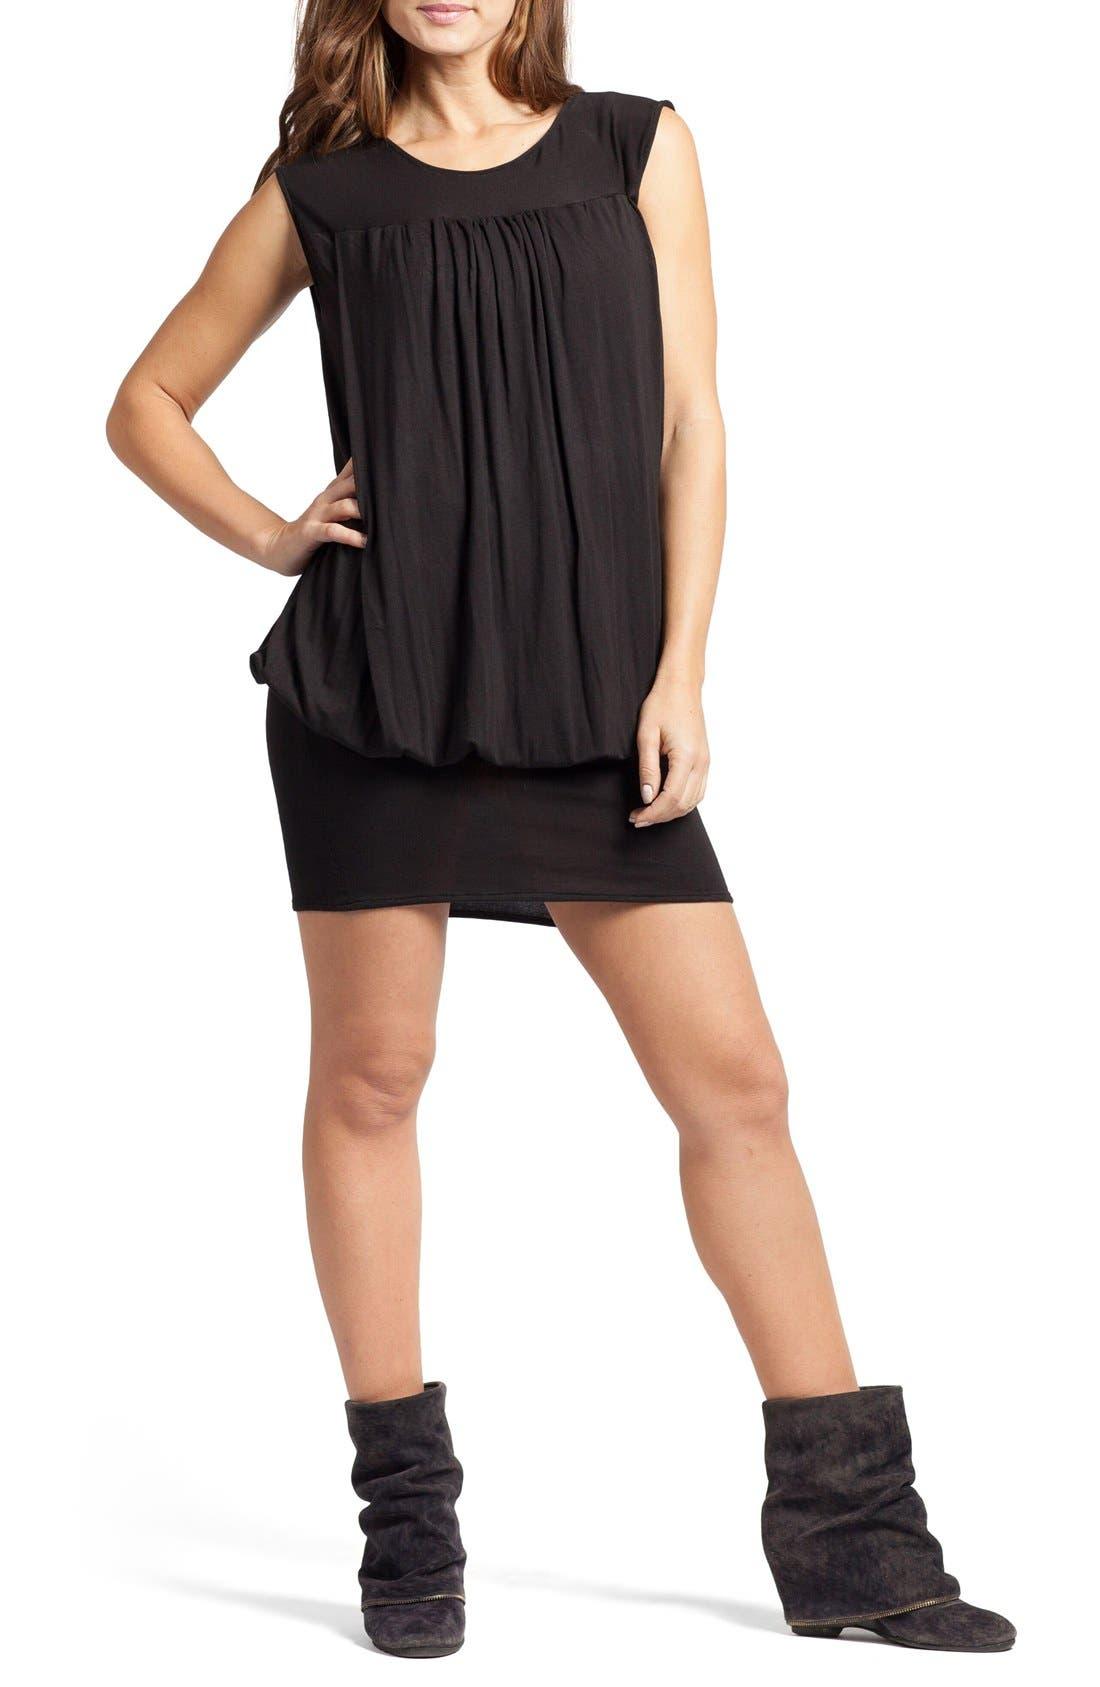 Main Image - Savi Mom 'The Little Black Tulip' Blouson Maternity/Nursing Dress